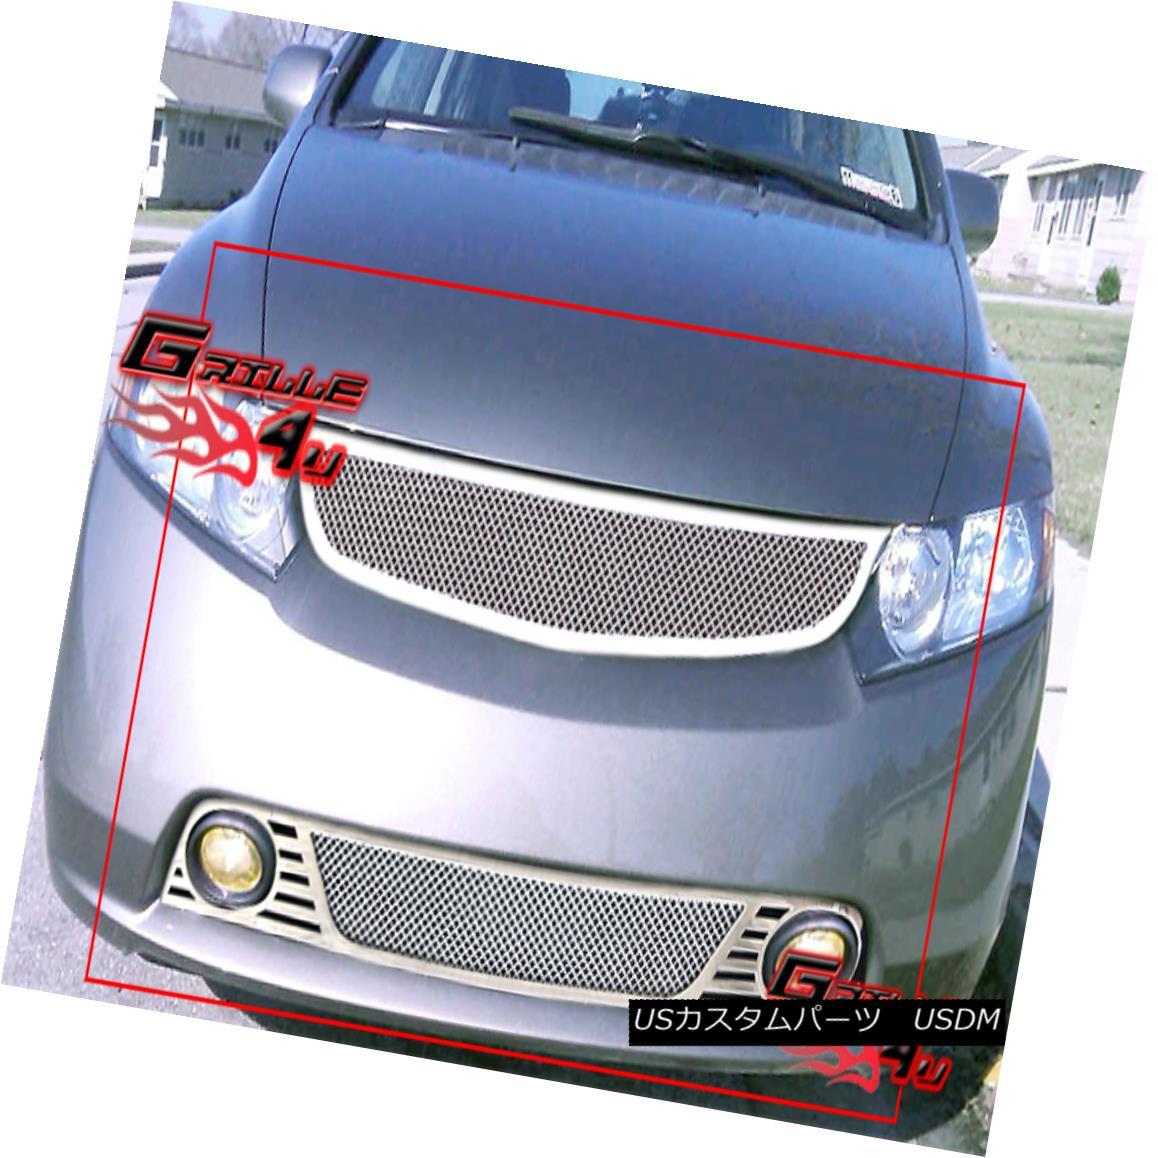 グリル Fits 2006-2008 Honda Civic Sedan 4 Door Stainless Steel Mesh Grille Combo 適合2006-2008ホンダシビックセダン4ドアステンレススチールメッシュグリルコンボ